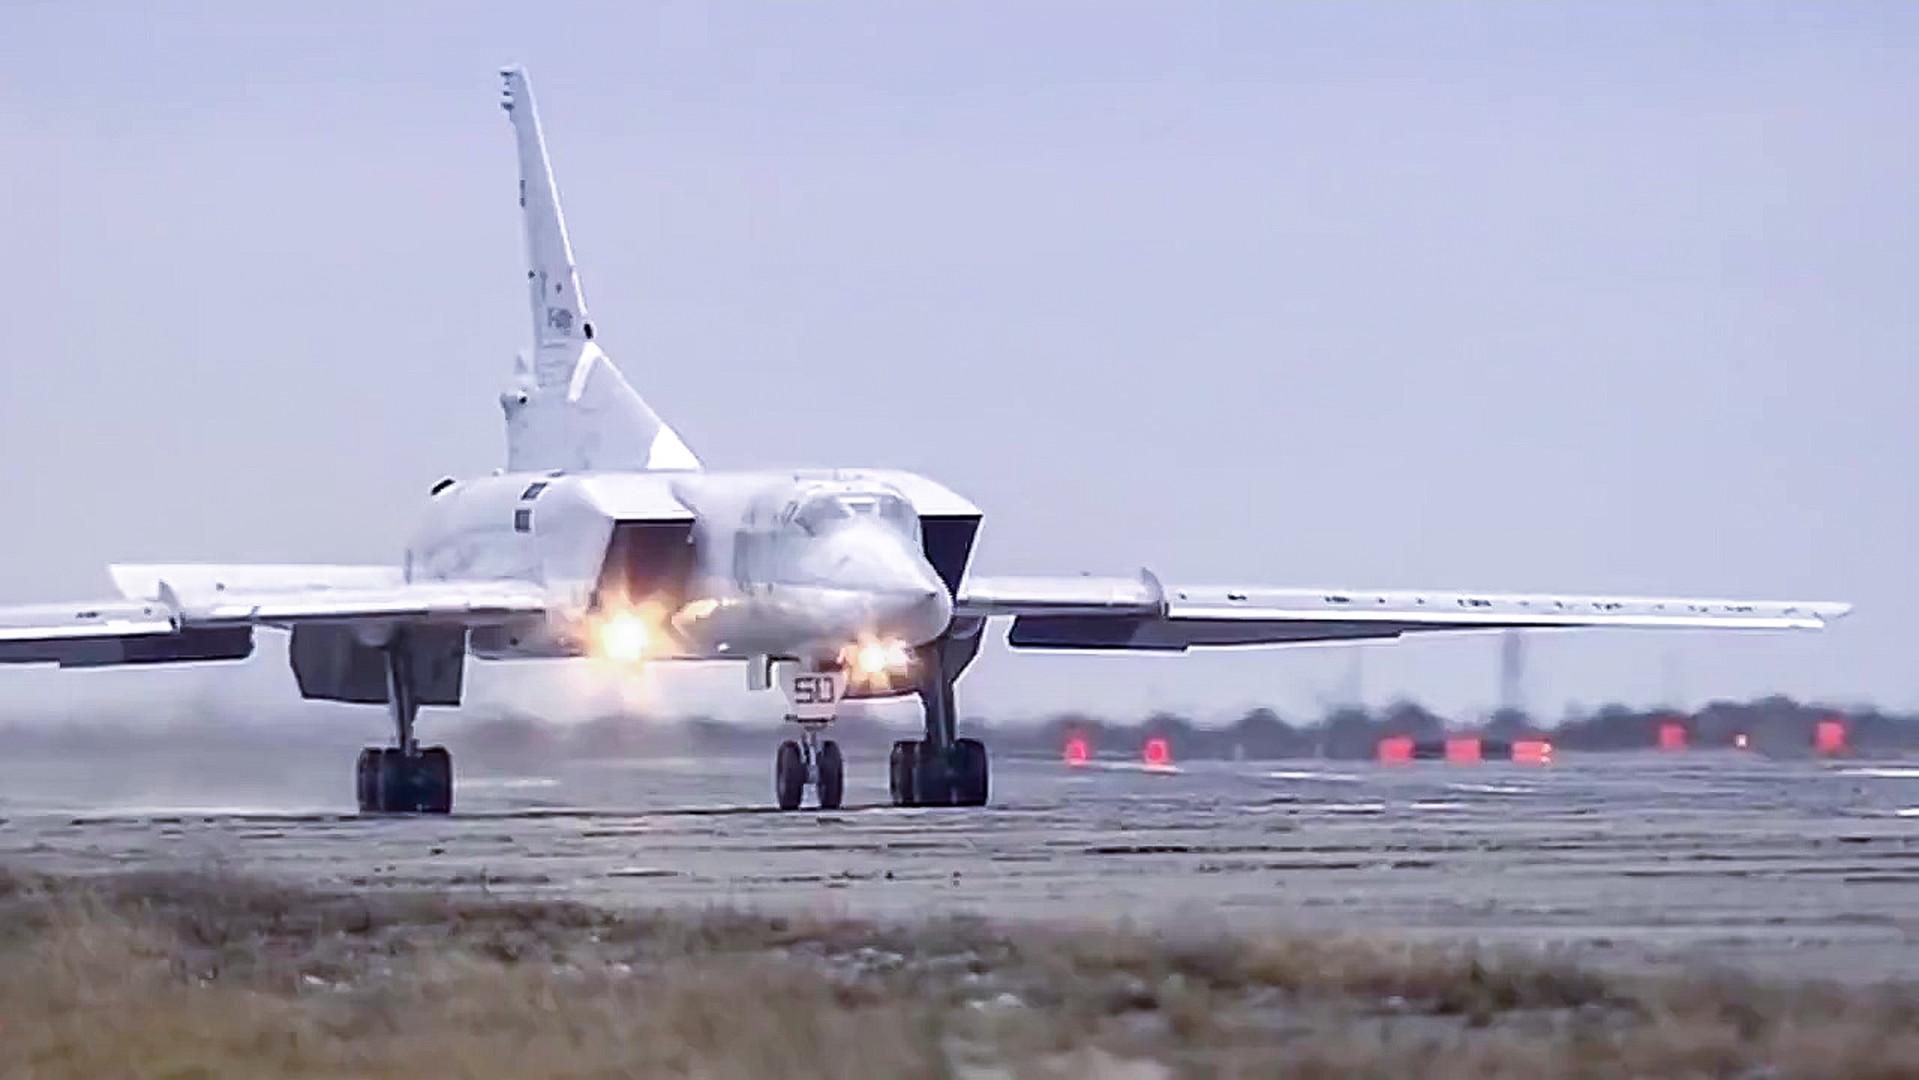 В Минобороны ответили на заявления об «ударе ВКС» по базе западного спецназа в Сирии